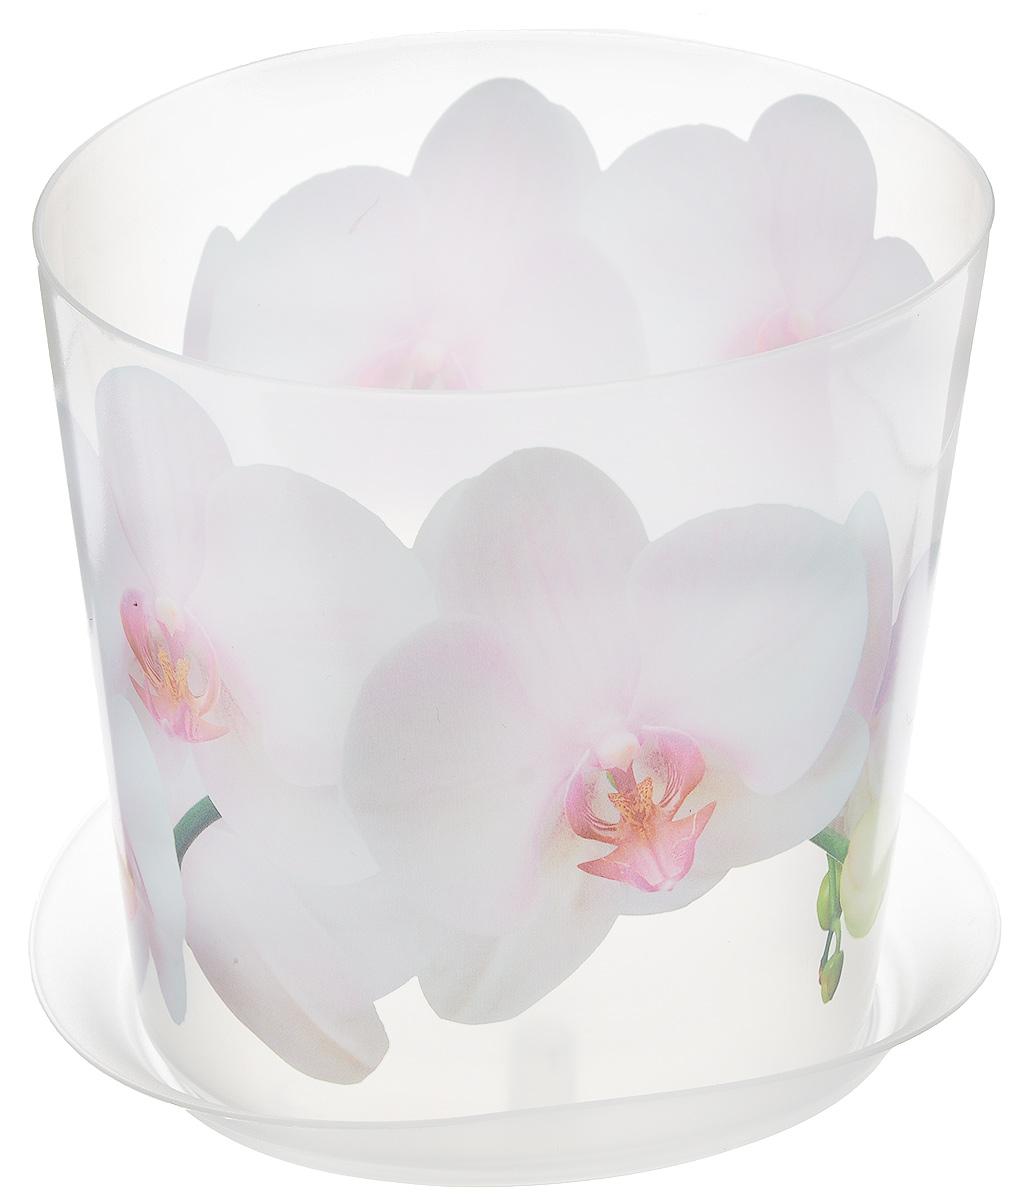 Кашпо Idea Деко, с подставкой, цвет: прозрачный, белый, 1,2 лМ 3105Кашпо Idea Деко изготовлено из высококачественного полипропилена. Специальный поддон предназначен для стока воды. Изделие прекрасно подходит для выращивания растений и цветов в домашних условиях. Лаконичный дизайн впишется в интерьер любого помещения. Диаметр поддона: 13,5 см. Диаметр кашпо по верхнему краю: 12,5 см.Высота кашпо: 12 см.Объем кашпо: 1,2 л.